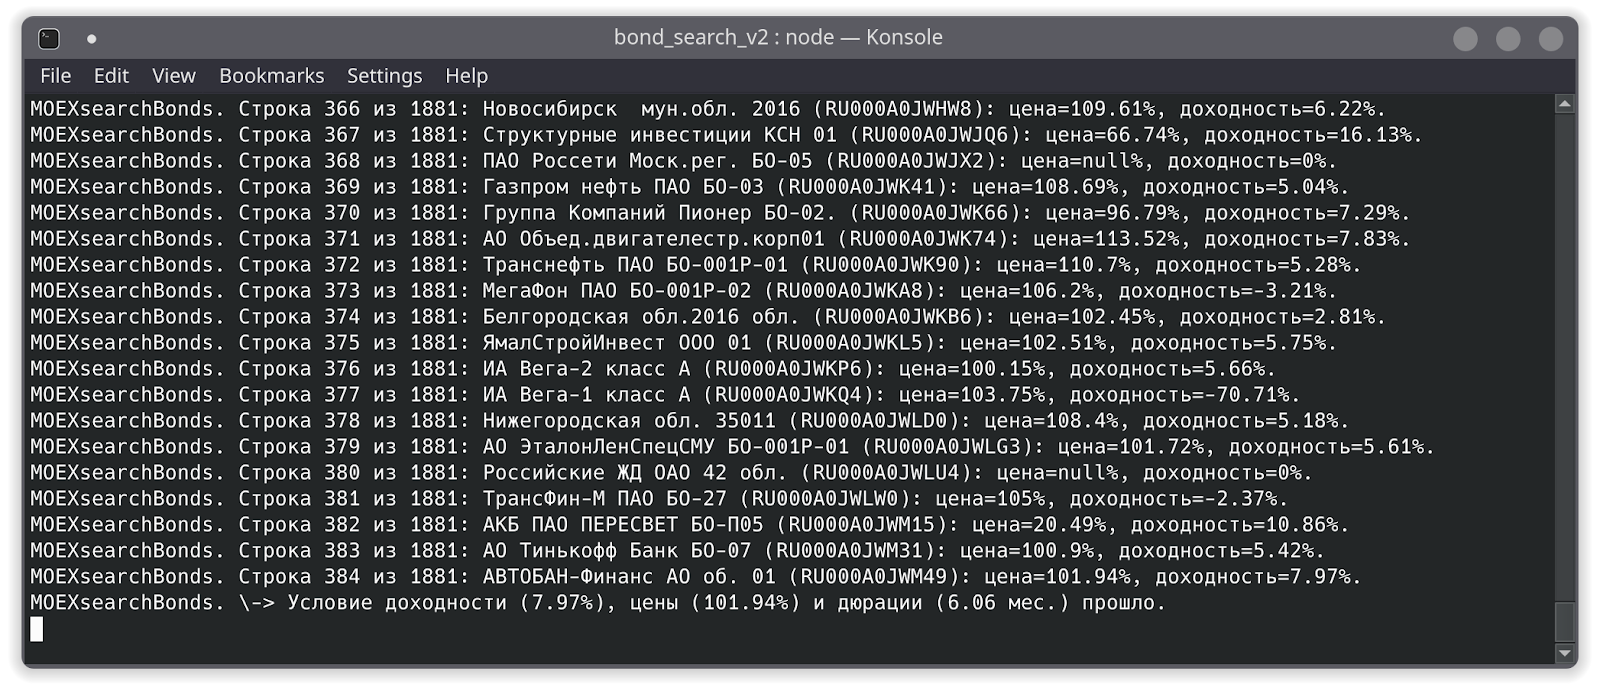 Выполнение работы скрипта под Linux